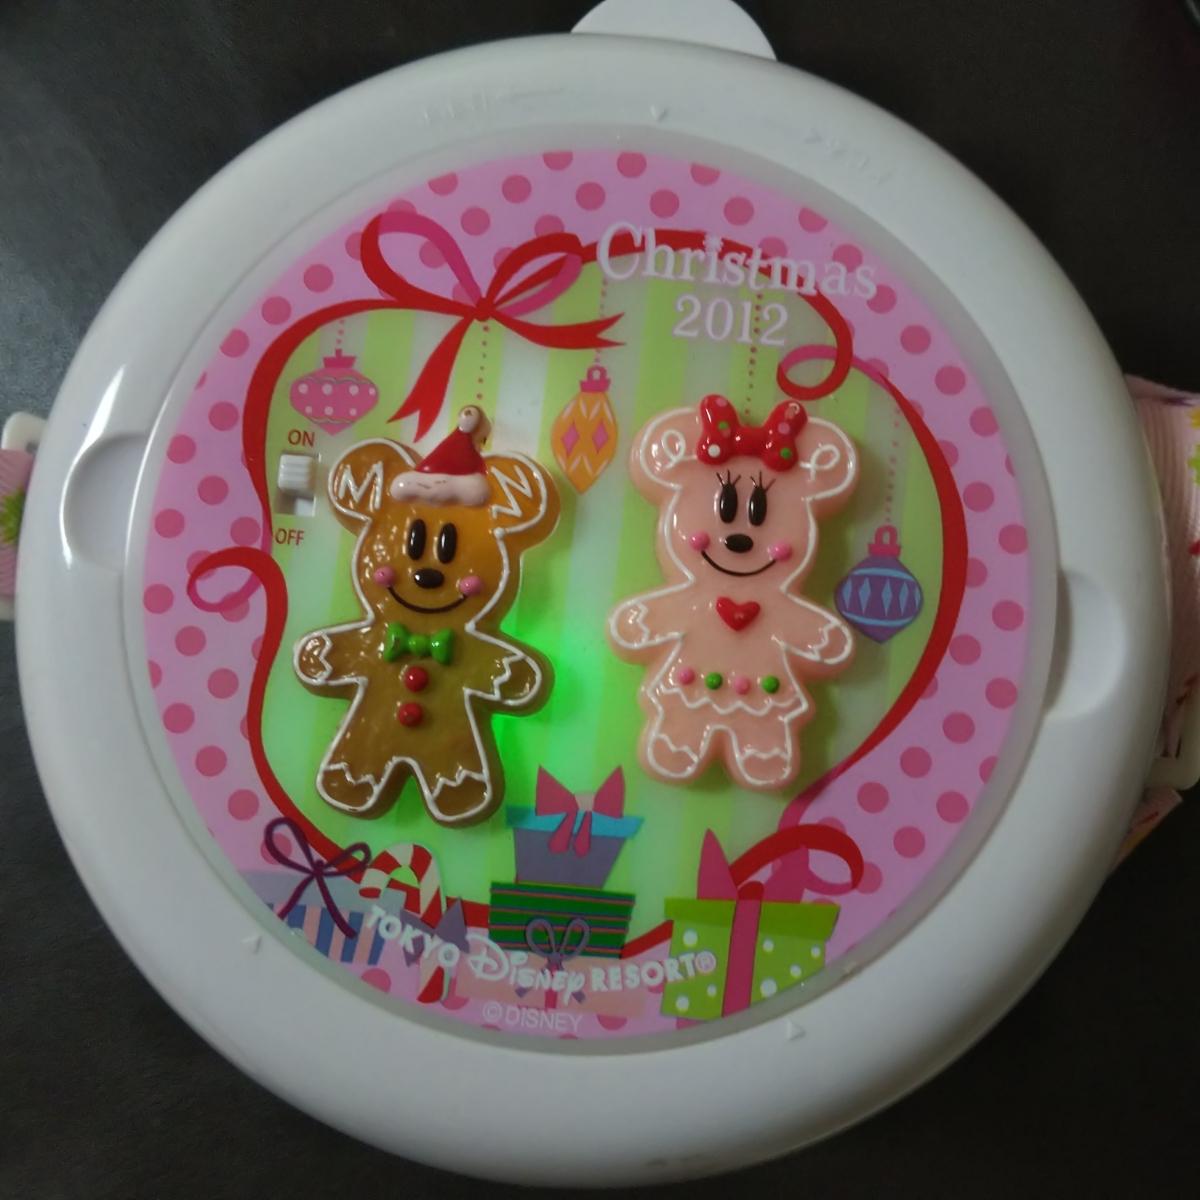 レア★TDL ディズニー★クリスマス2012限定★ミッキー/ミニー ポップコーンバケット★ポップコーンバケツ_画像1